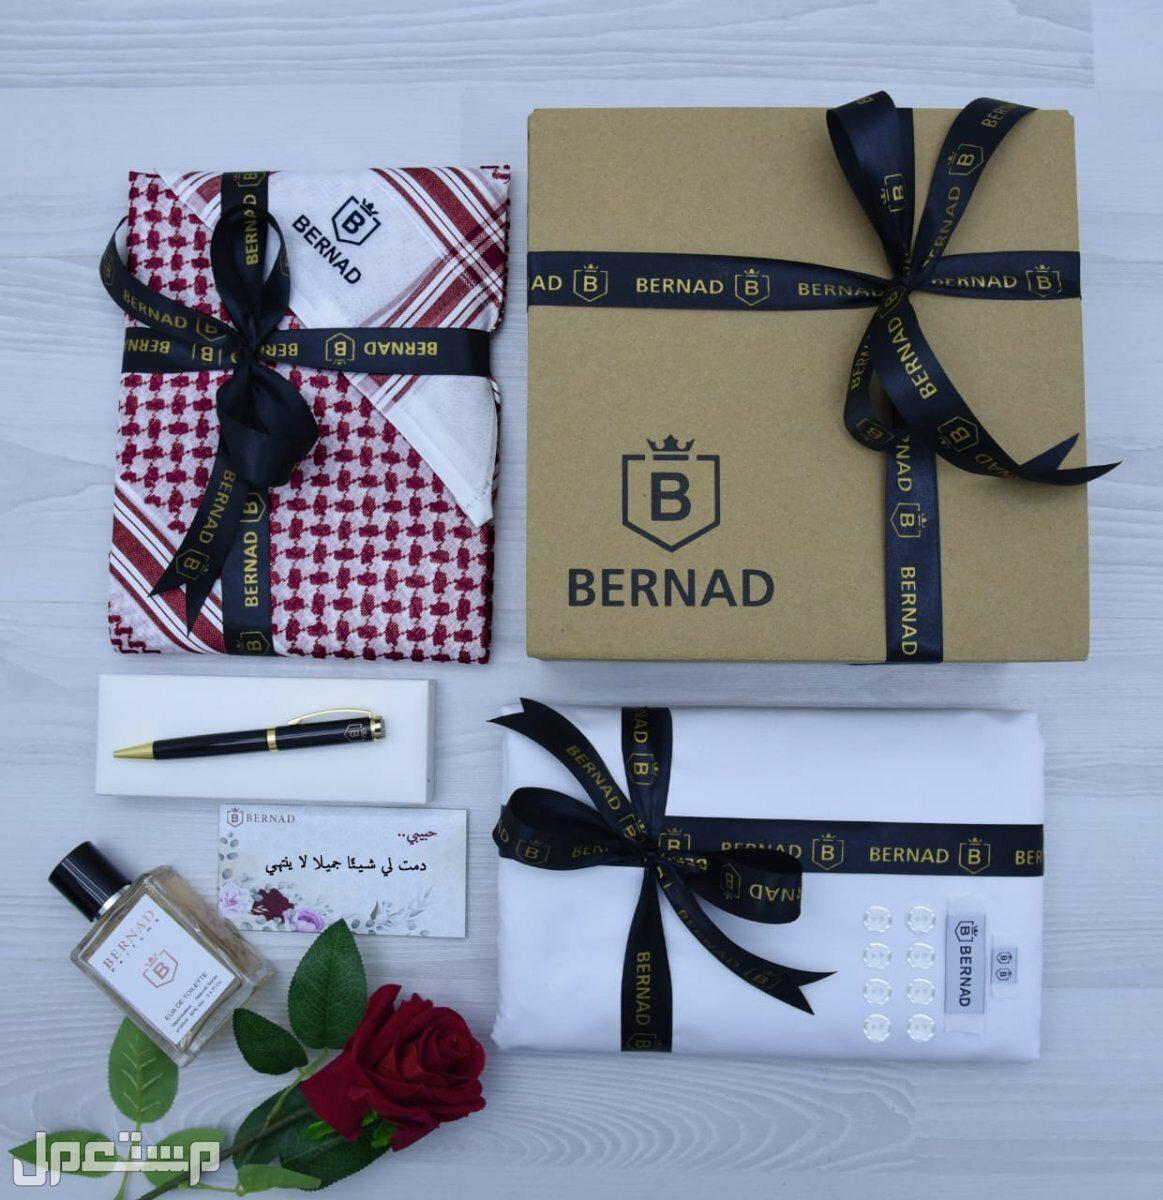 تالق وتميز مع ارقى واشهر الماركات العالميه BERNAD مع فخامتها واناقتها ♥